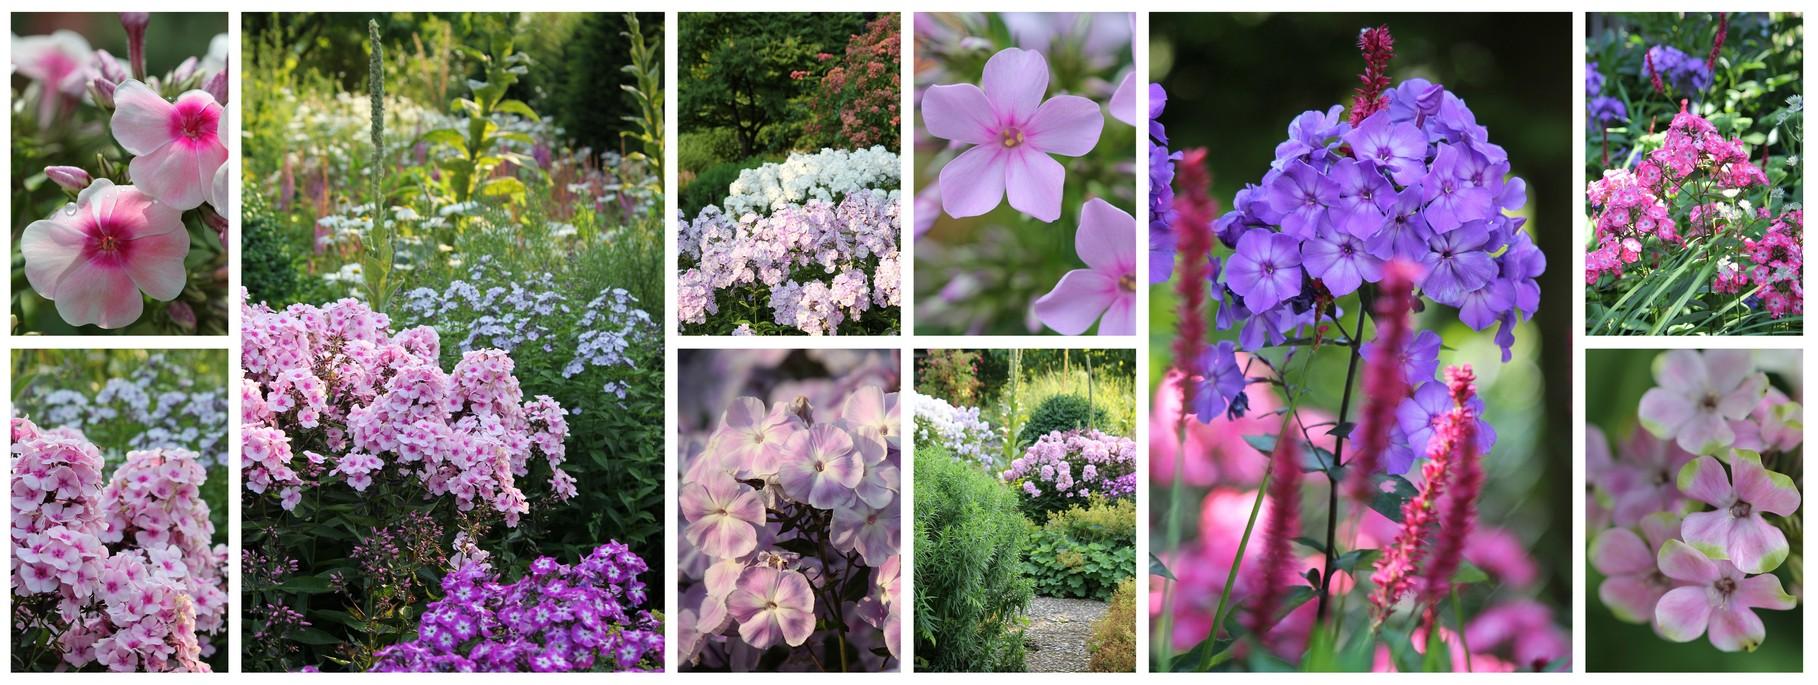 Fachhandel für Gartenbedarf PROFIDOR Gartenversand